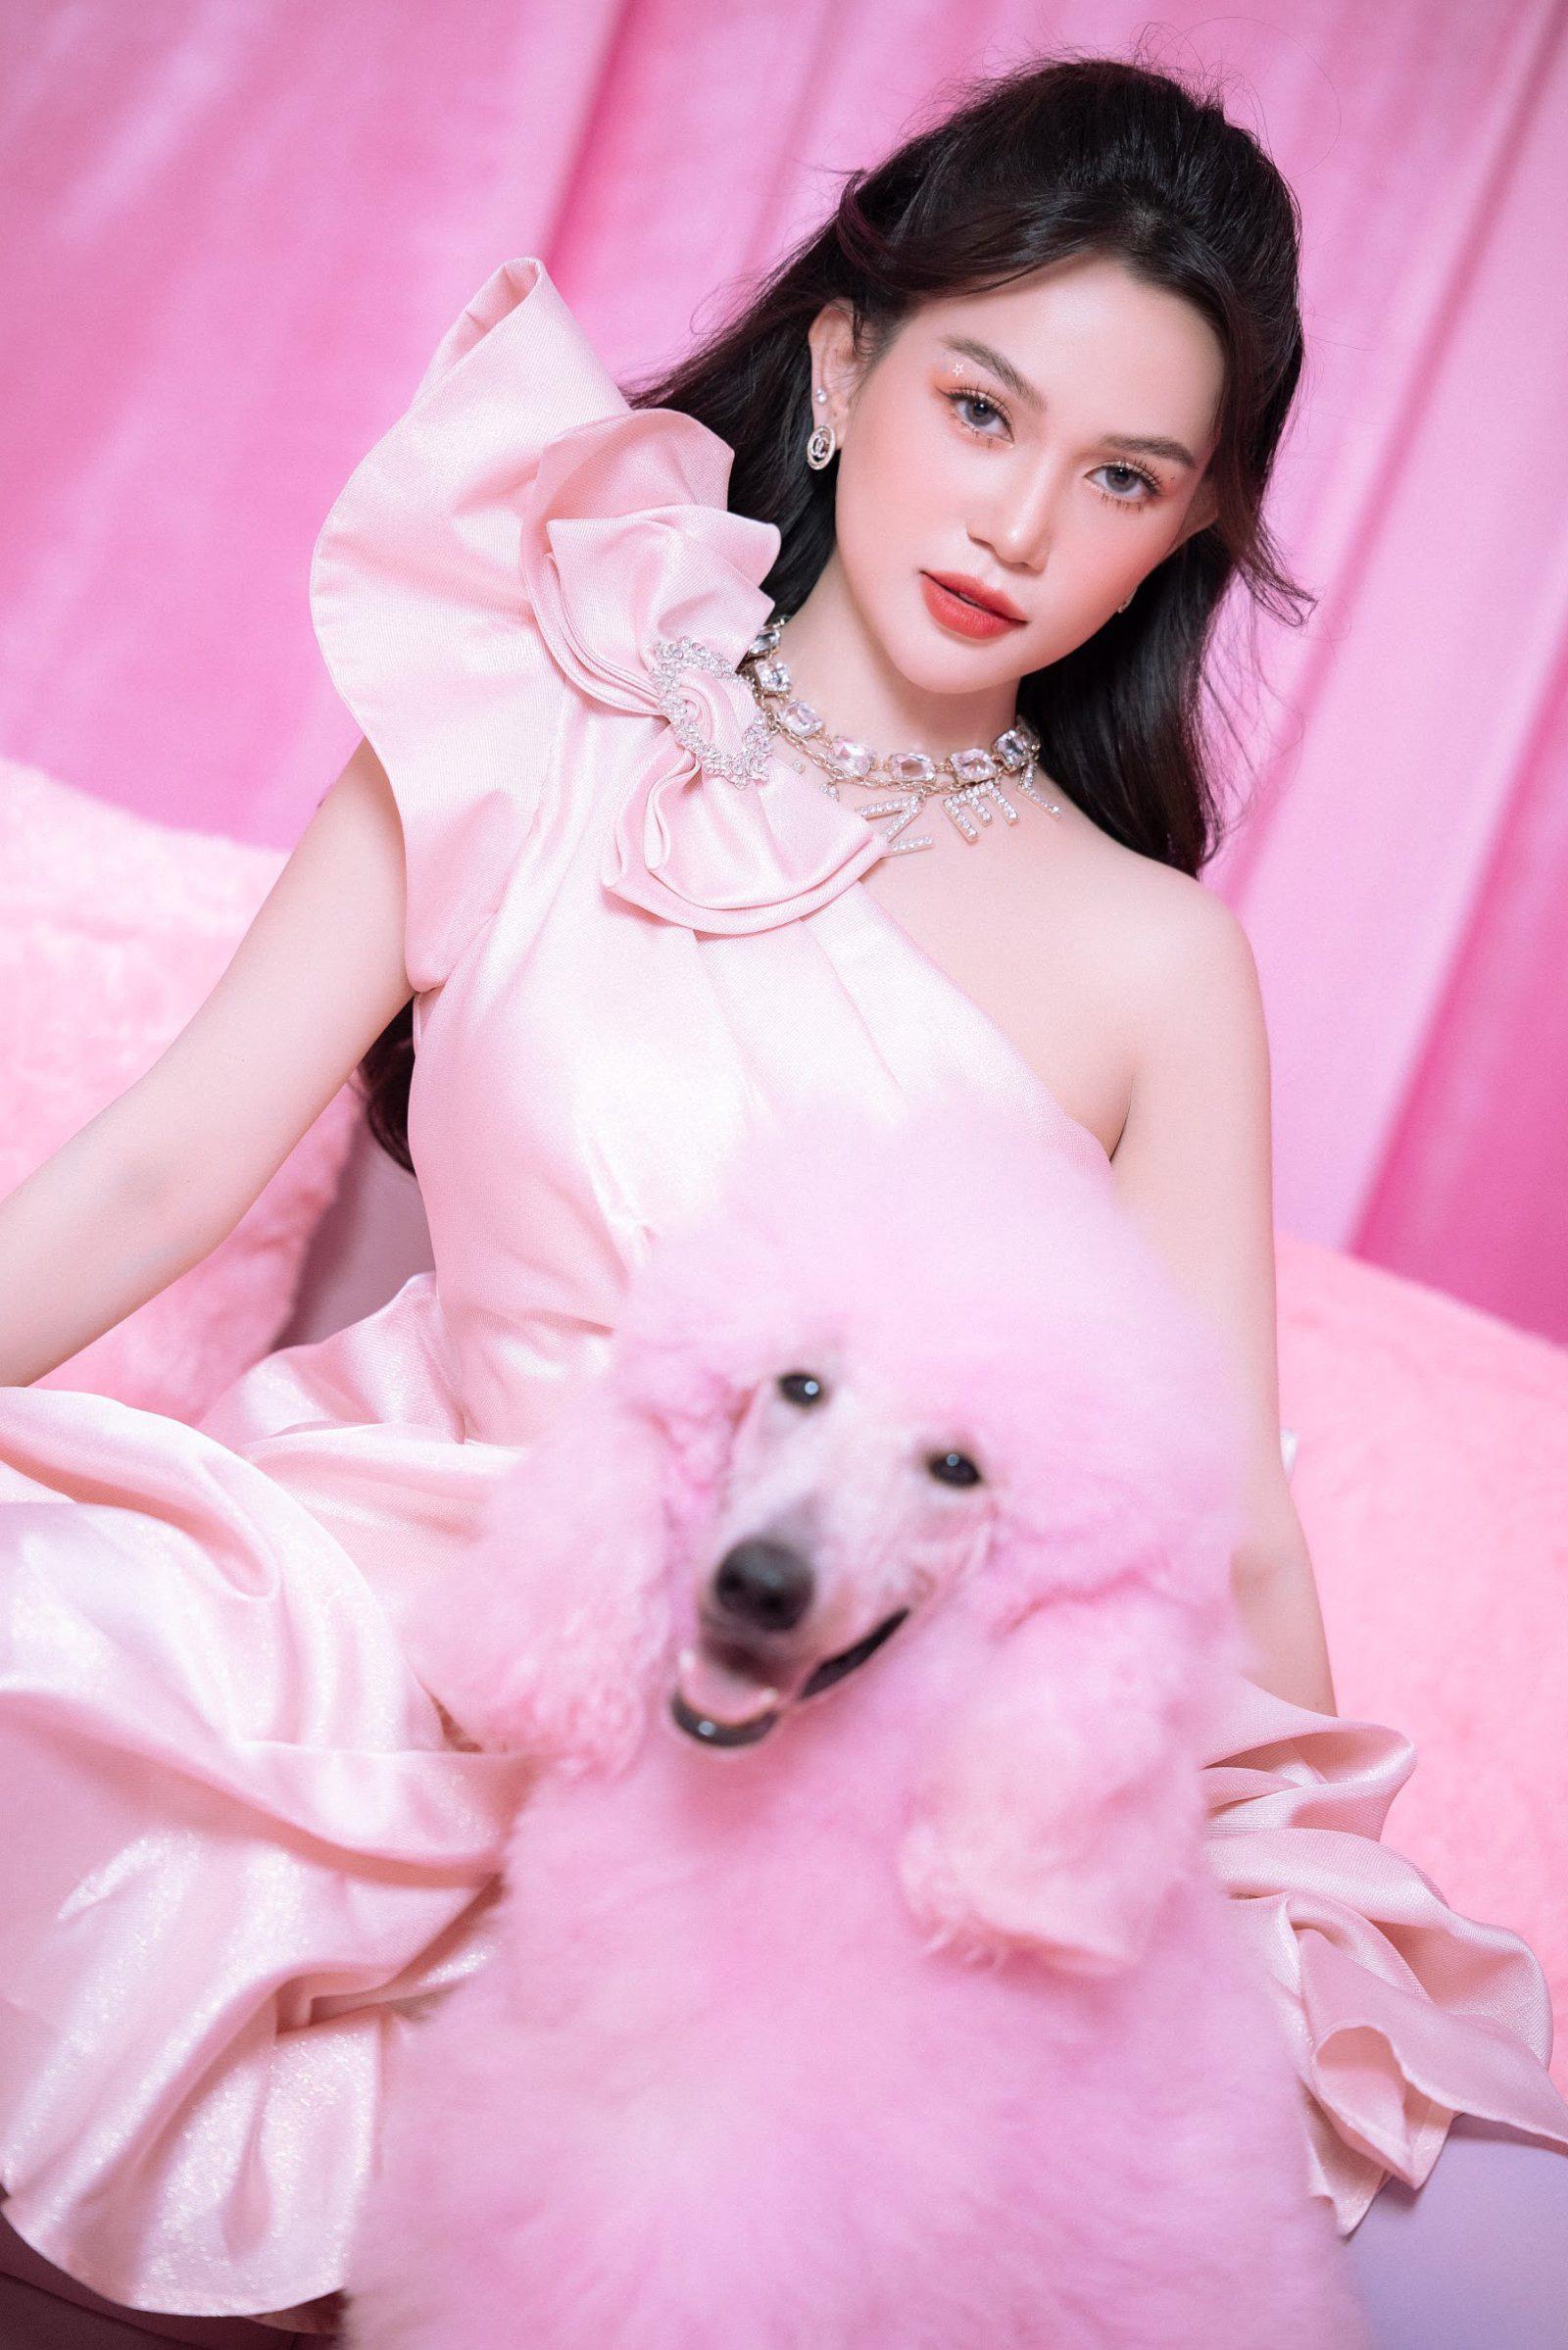 Hậu chia tay Huỳnh Phương, Sĩ Thanh tung bộ ảnh sexy hết nấc mừng sinh nhật - Ảnh 6.